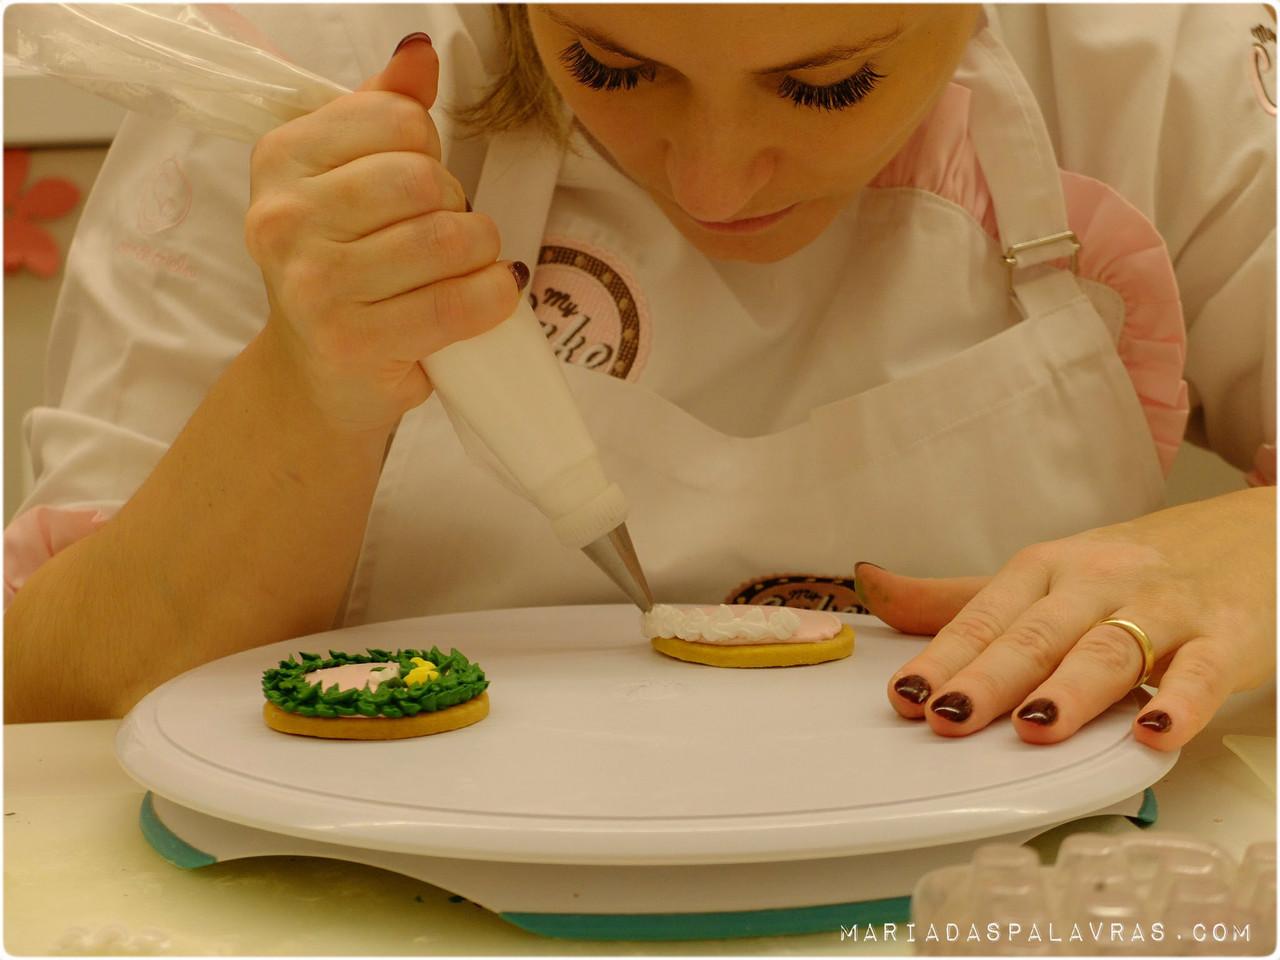 Workshop de Bolachas e Biscoitos My Cake Store - Ver voucher Odisseias